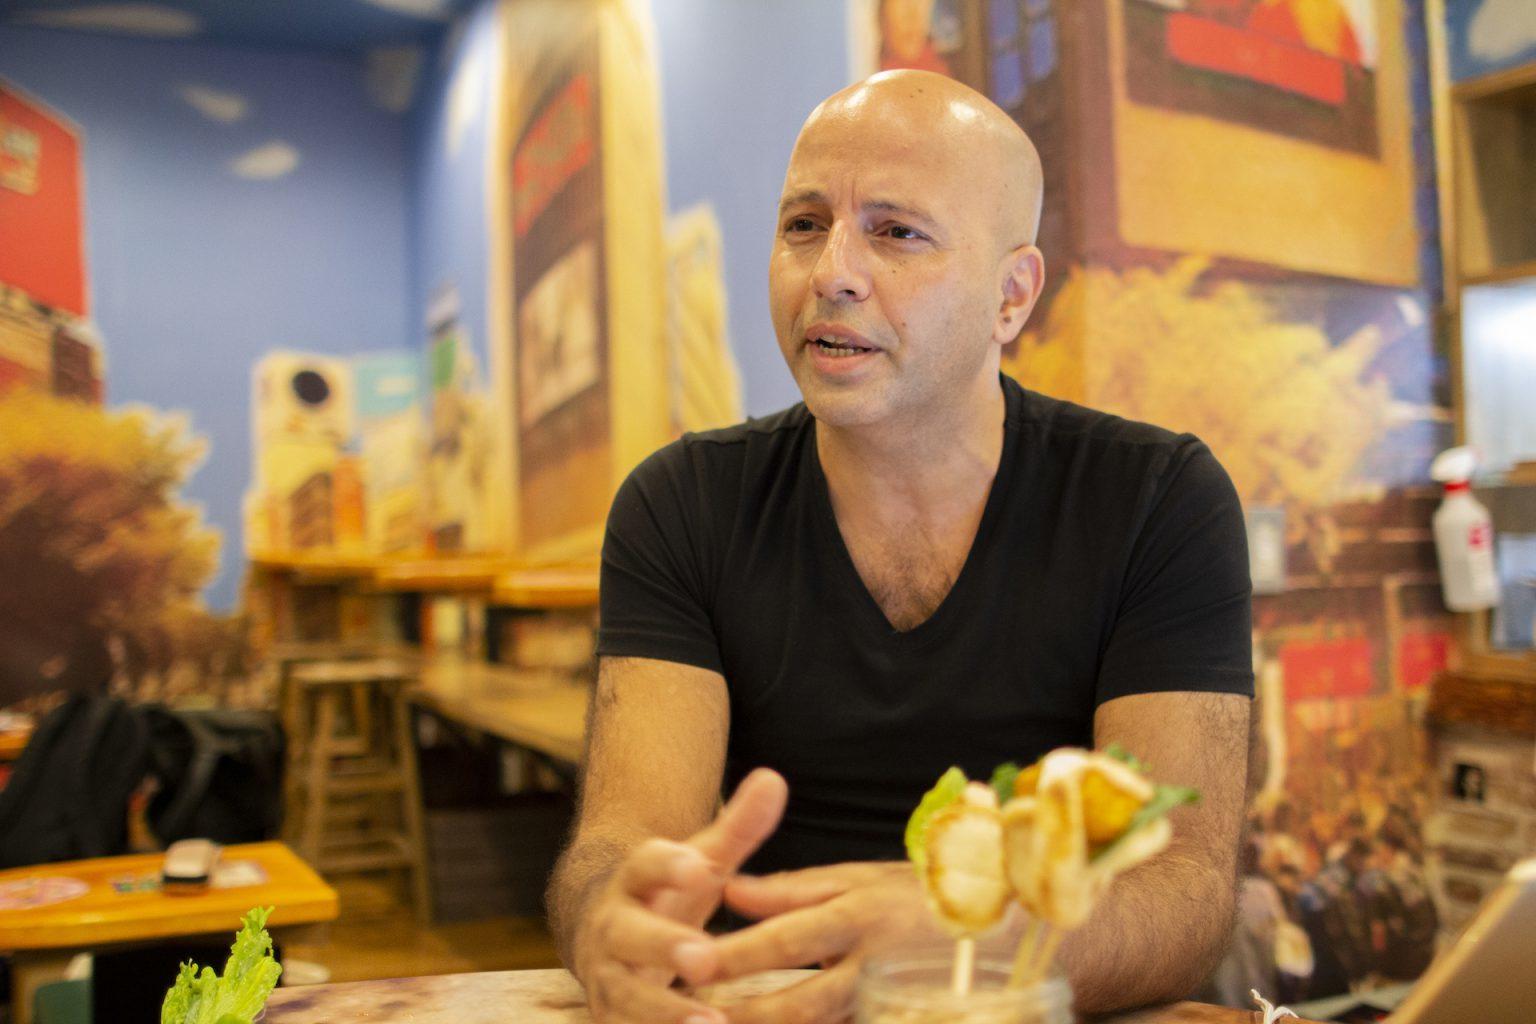 Amnon Agassyインタビュー画像